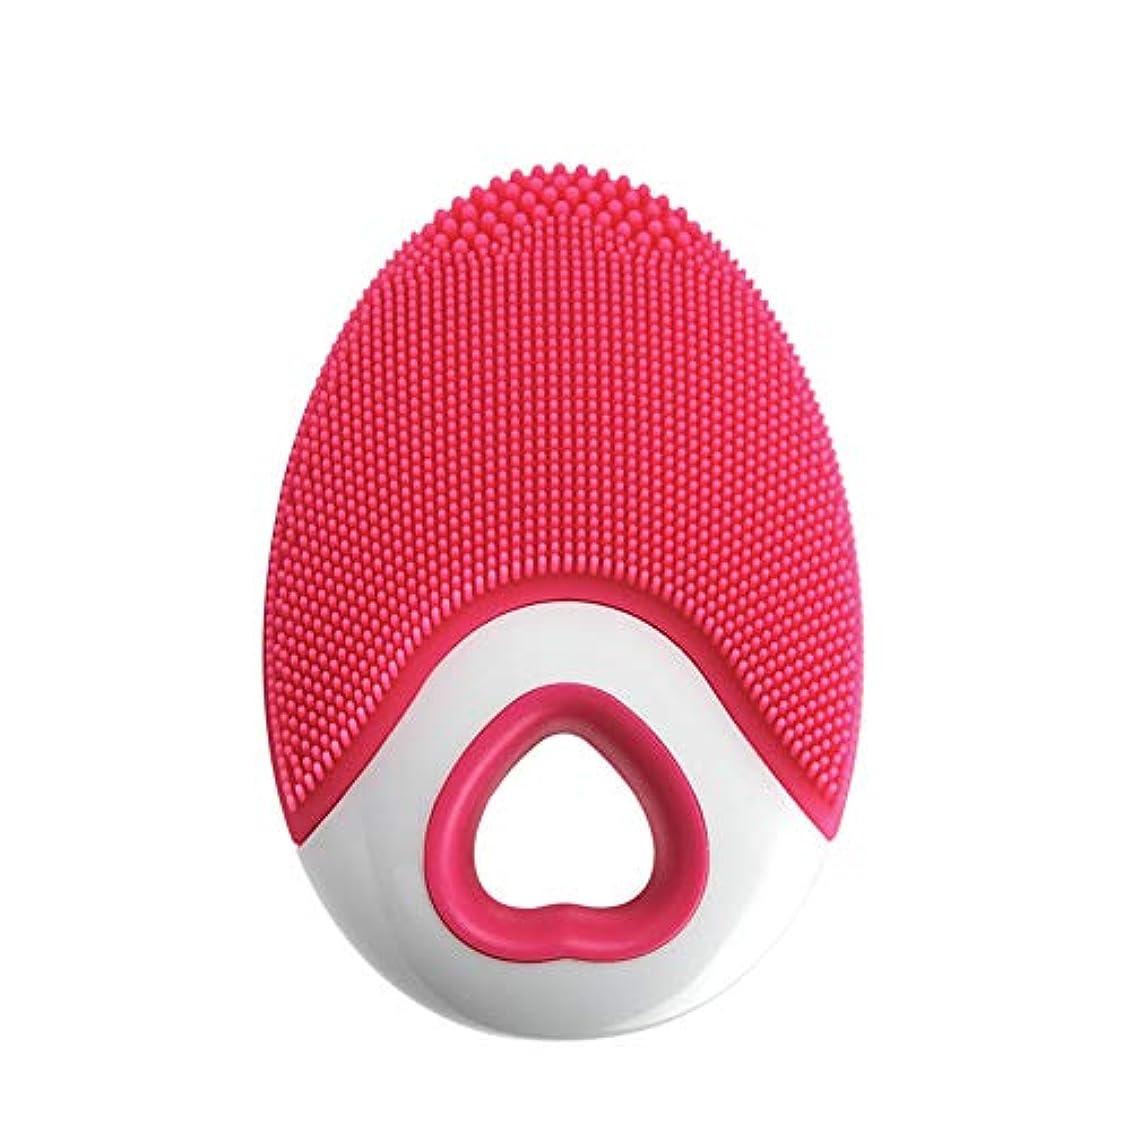 市民権債権者タイトFuntoget   1ピースシリコンフェイスクレンザーブラシ超音波ディープクリーニング防水ワイヤレス充電